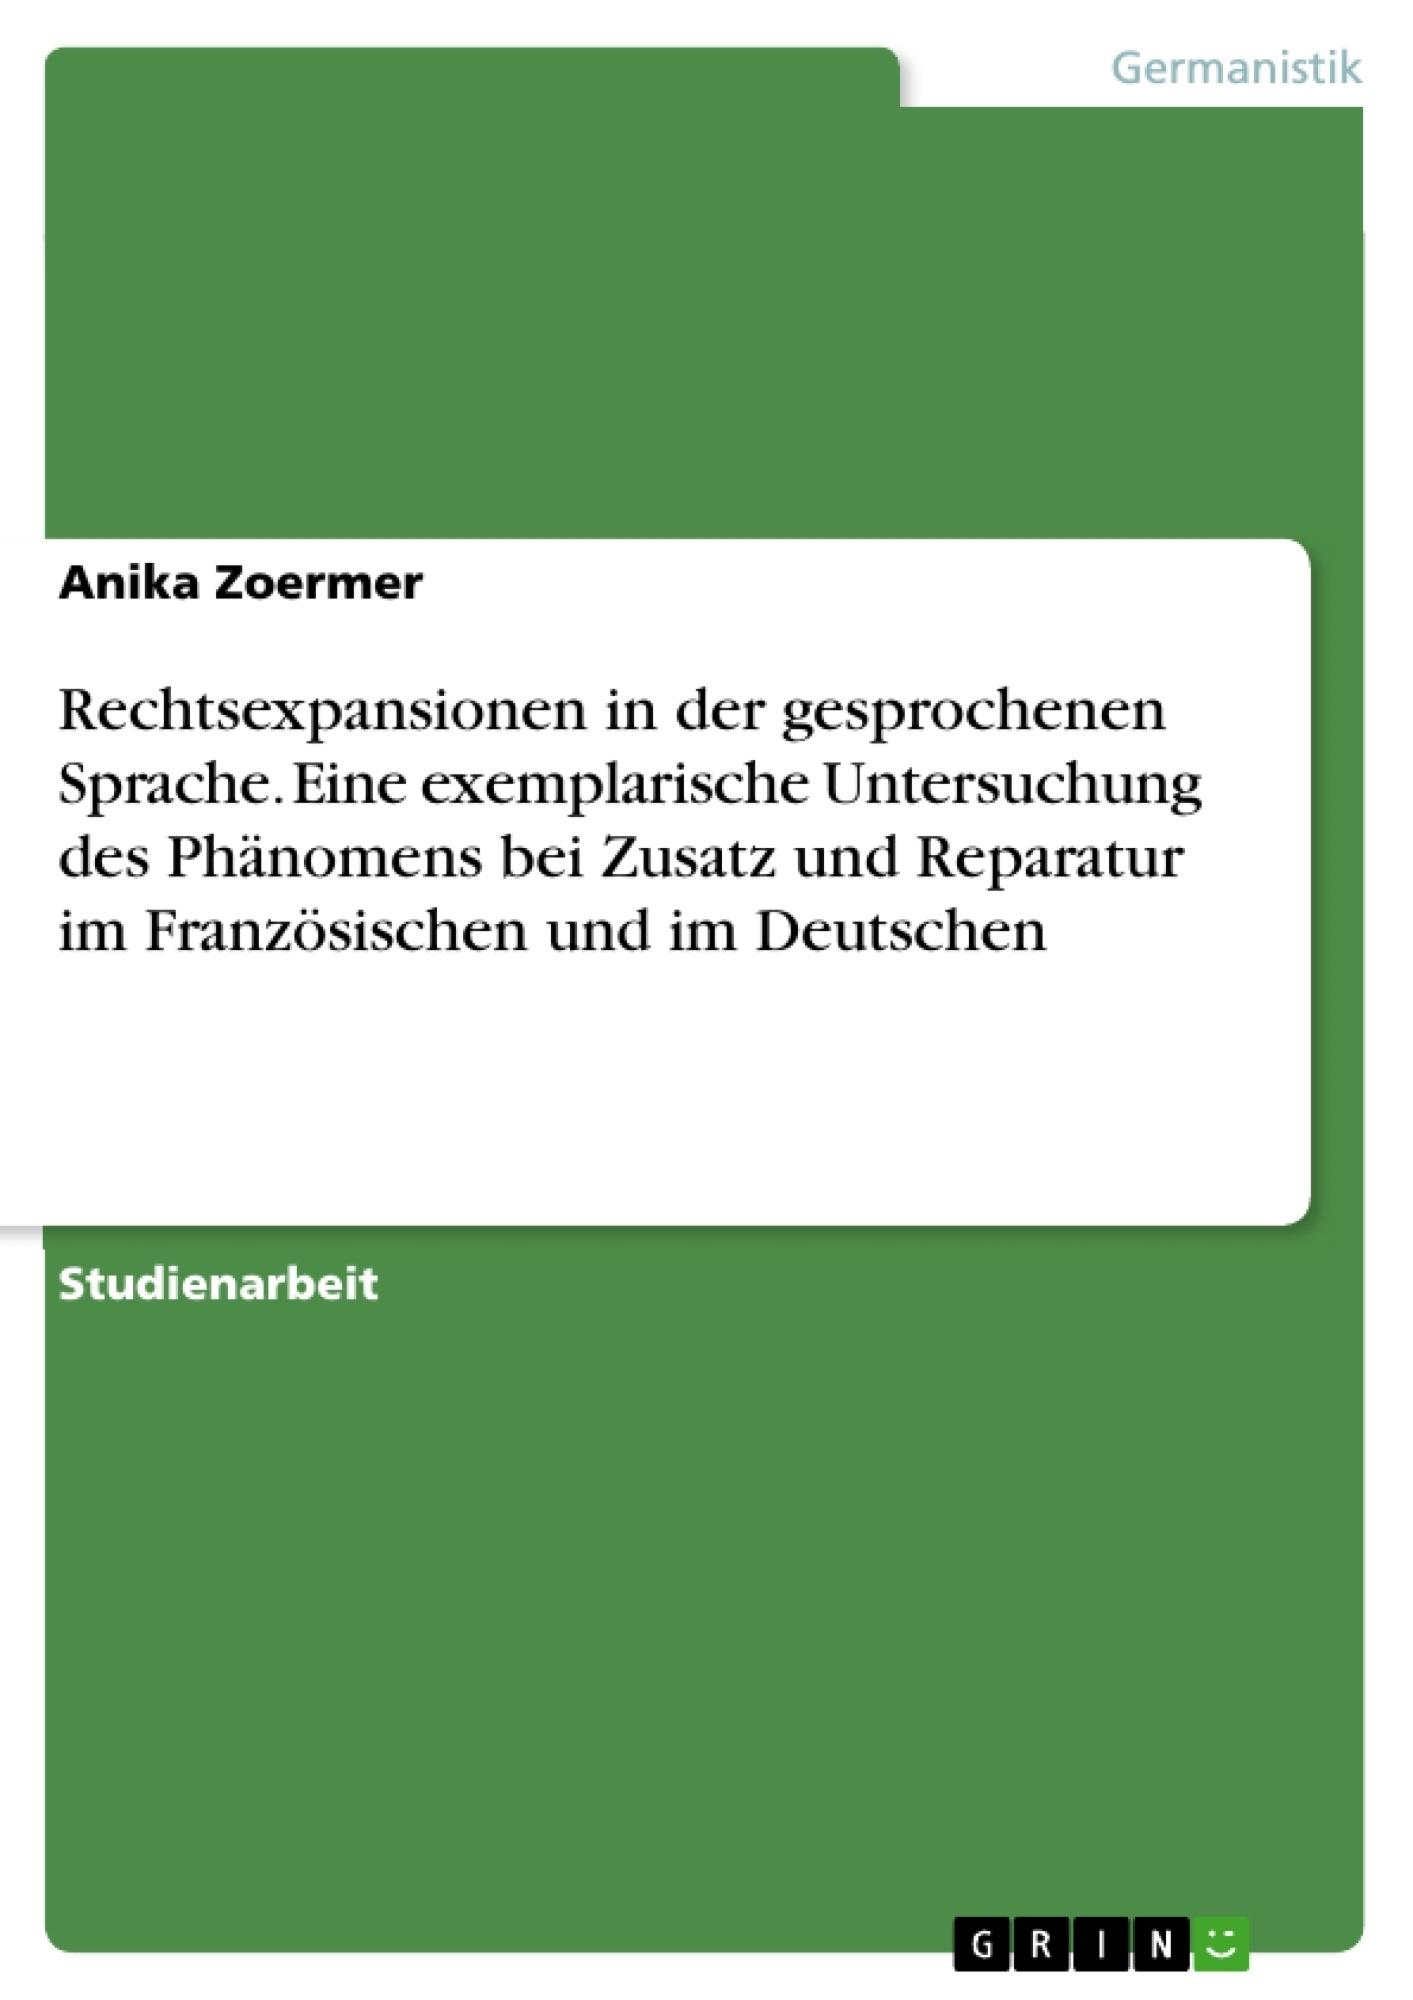 Titel: Rechtsexpansionen in der gesprochenen Sprache. Eine exemplarische Untersuchung des Phänomens bei Zusatz und Reparatur im Französischen und im Deutschen